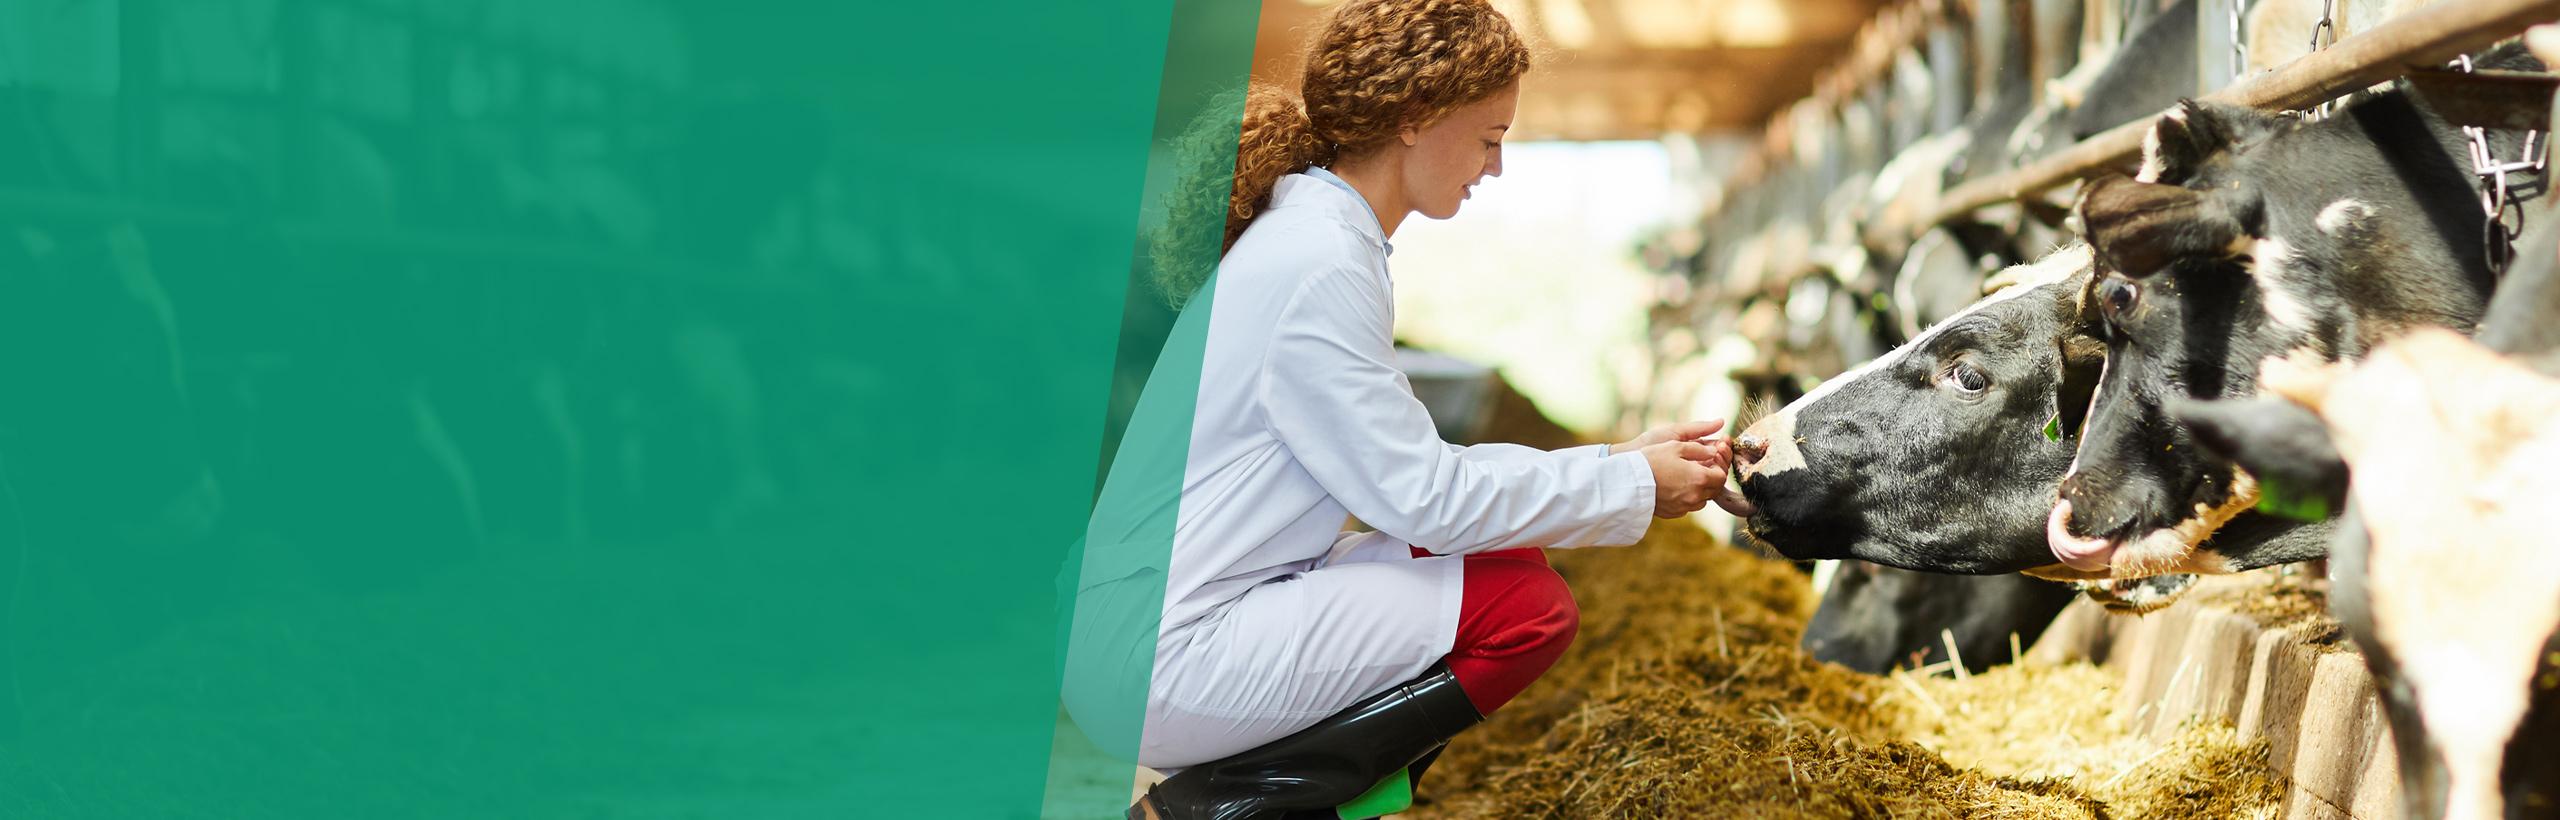 Dodavatel etického sortimentu nejen pro veterinární péči